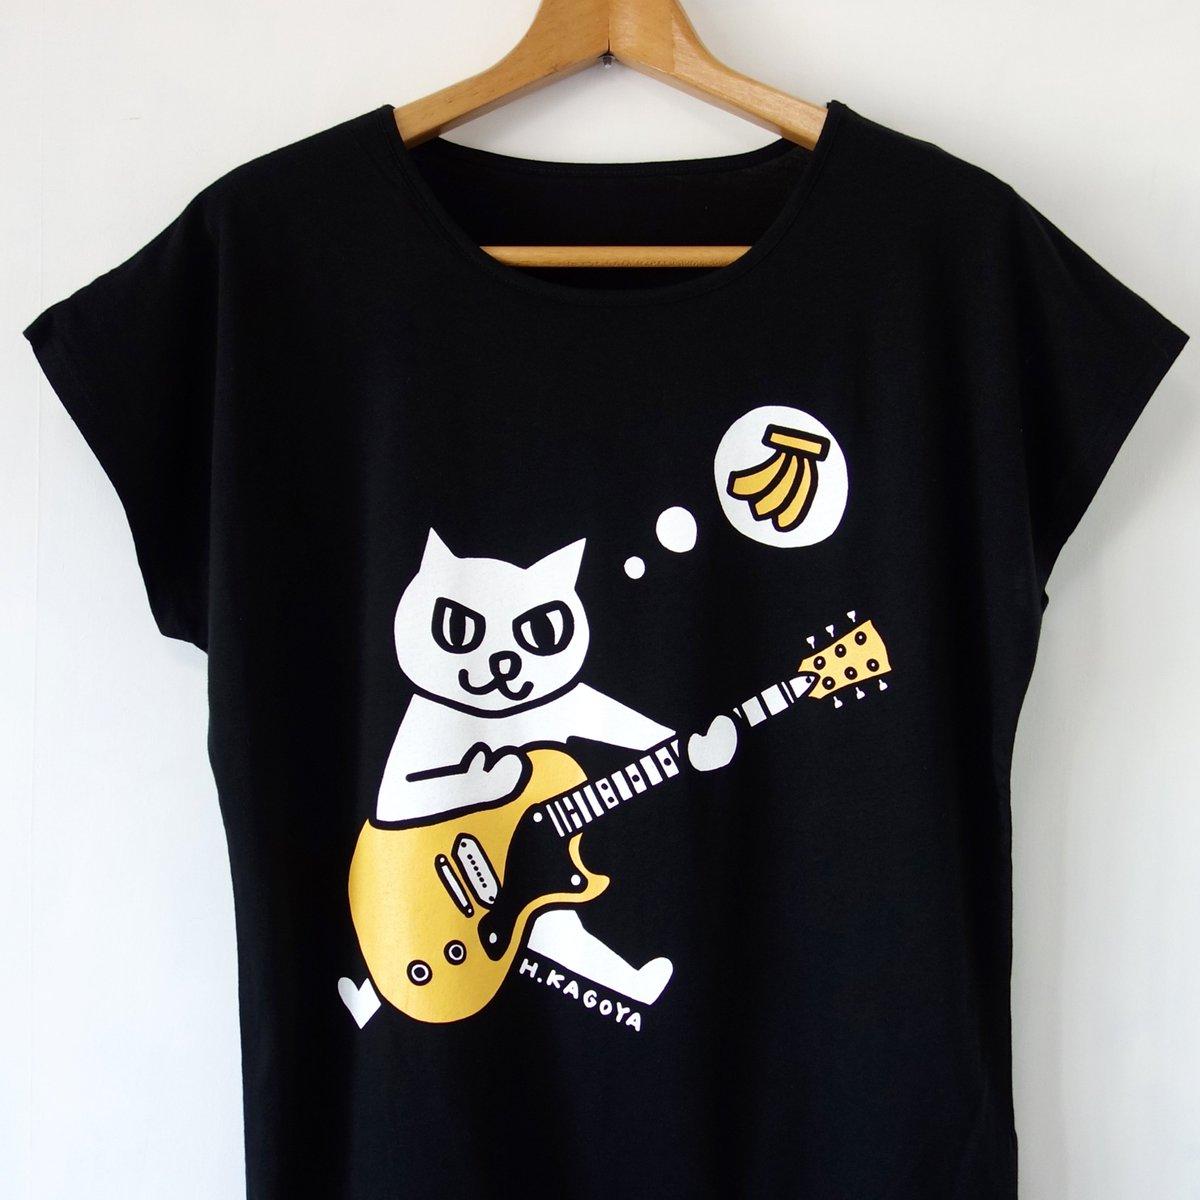 モーニング娘。'16 の「小田さくら」さんが バナナギターねこTシャツを着て 舞台稽古をしている姿が テレビに映っていたようです なんとまあ ちょーうれしーでス。 Store → https://t.co/xyTArpnxTe https://t.co/rF1szRBZHH